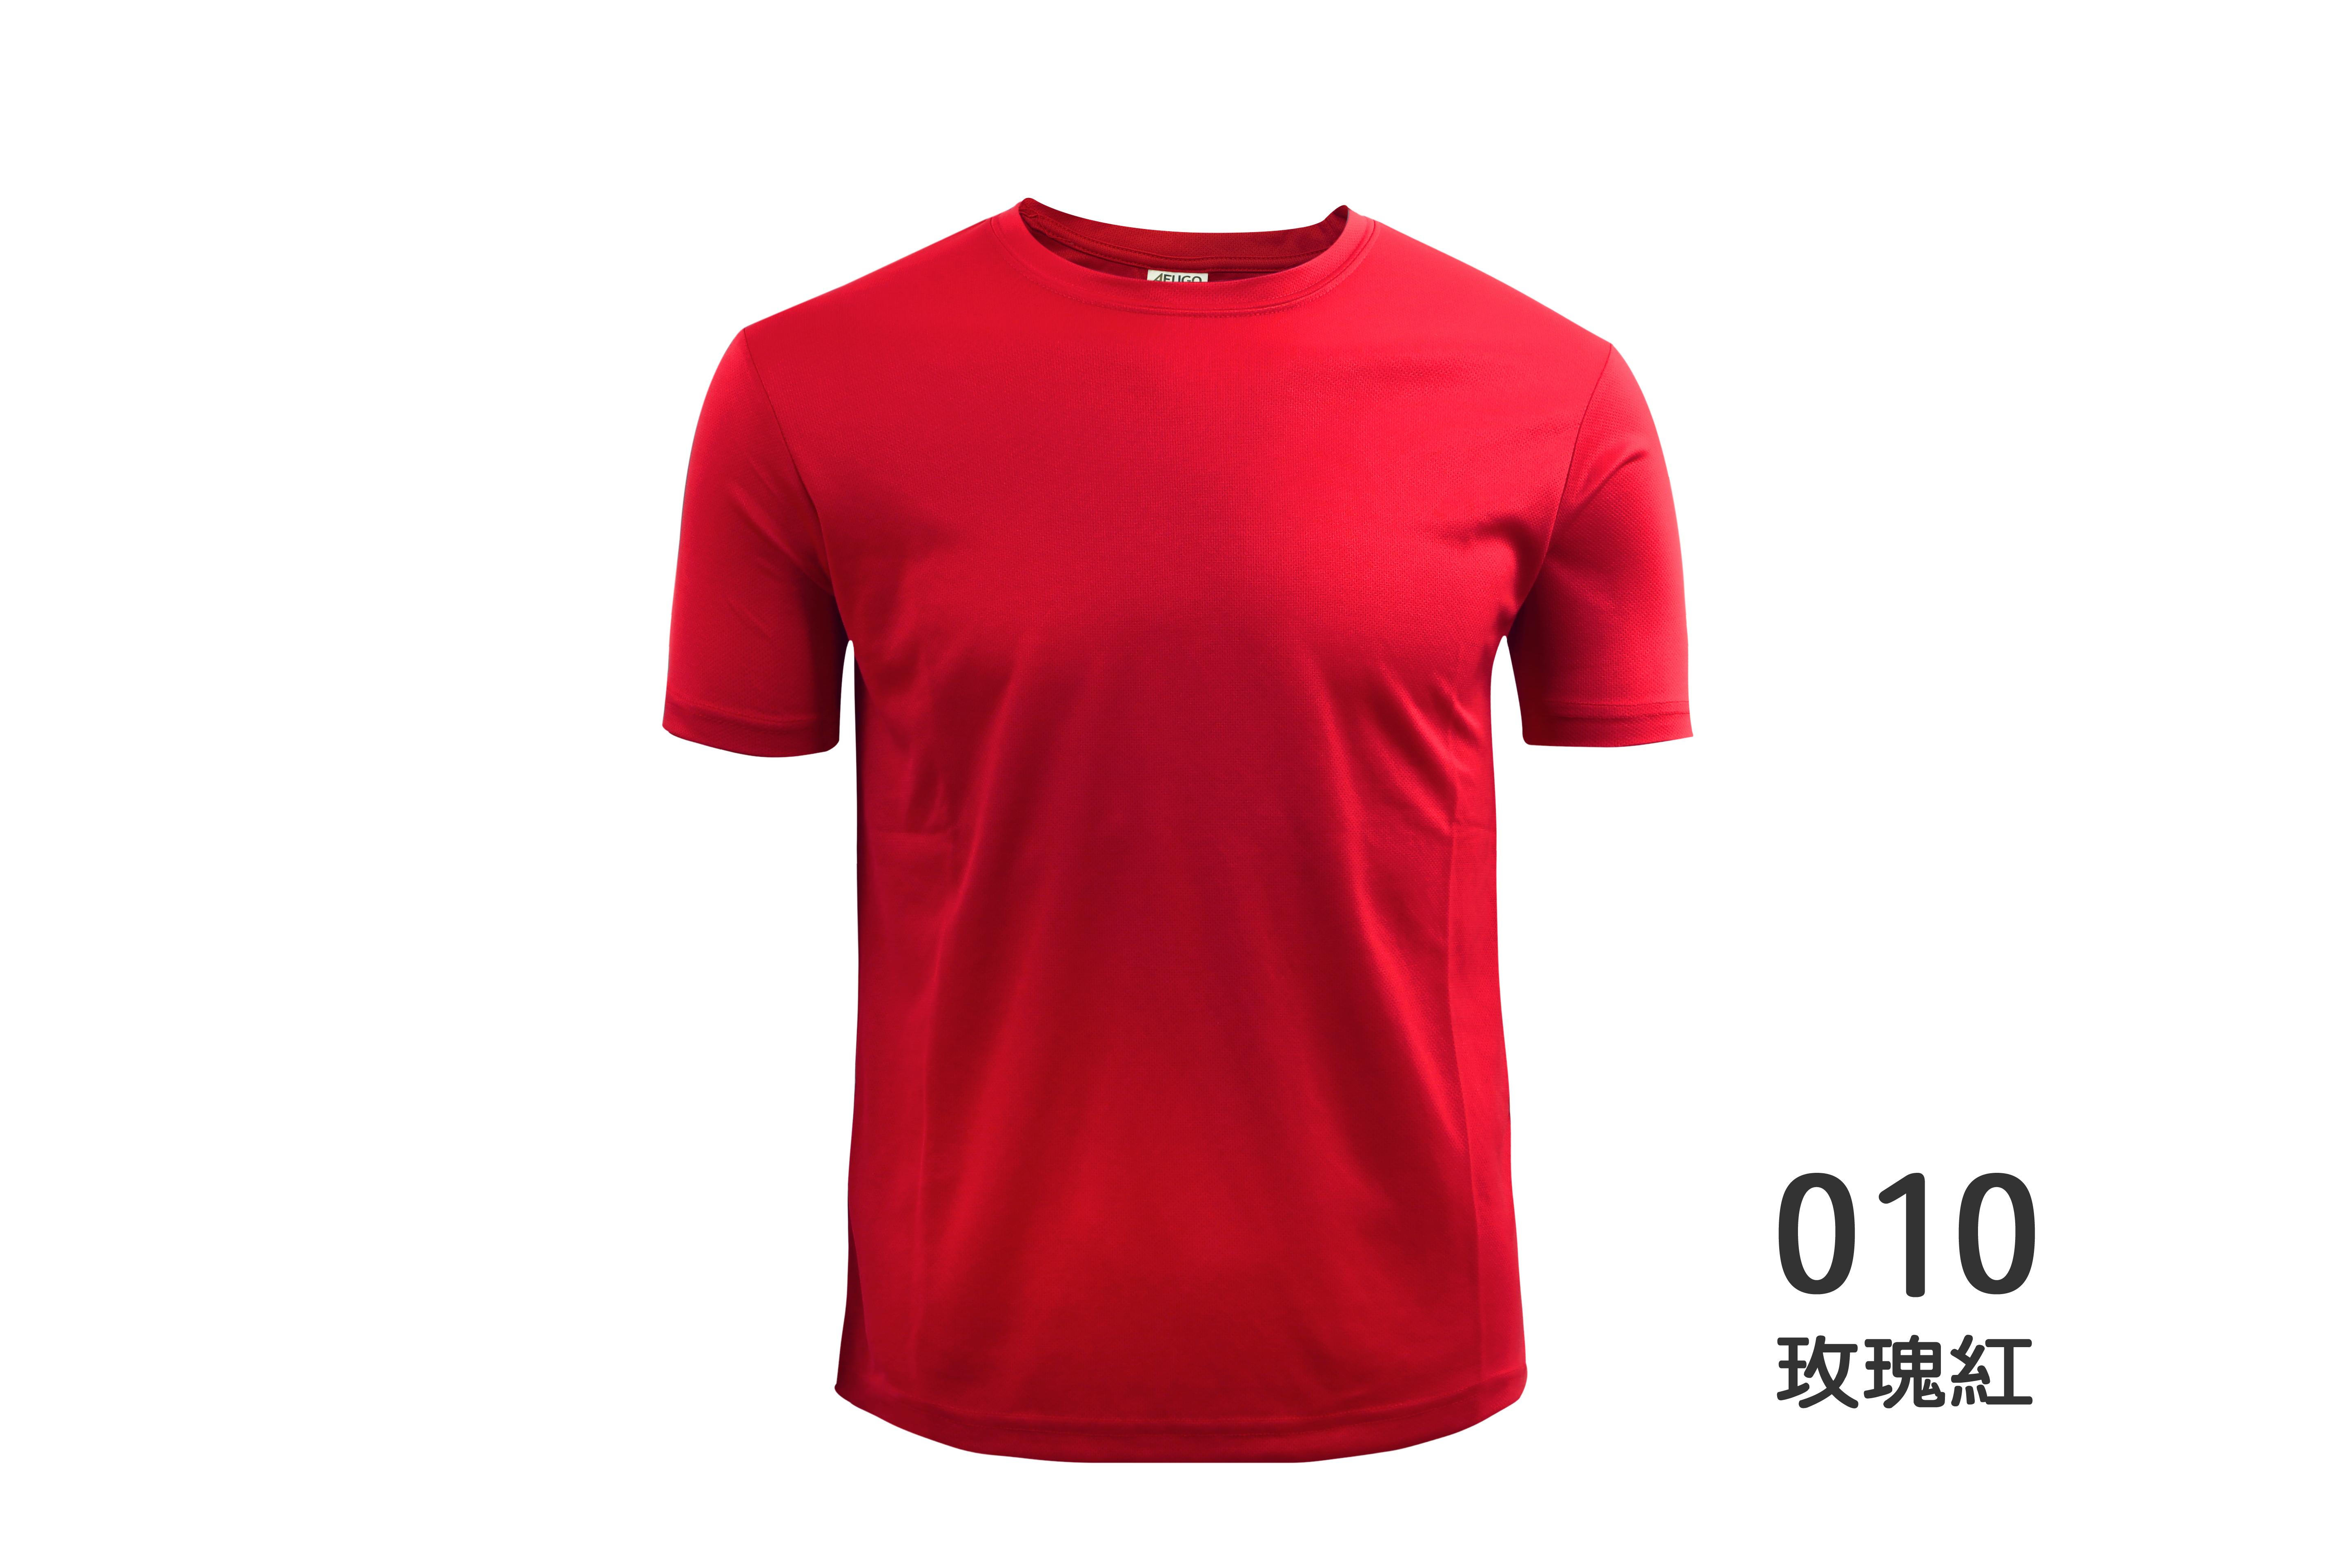 010玫瑰紅-1-01